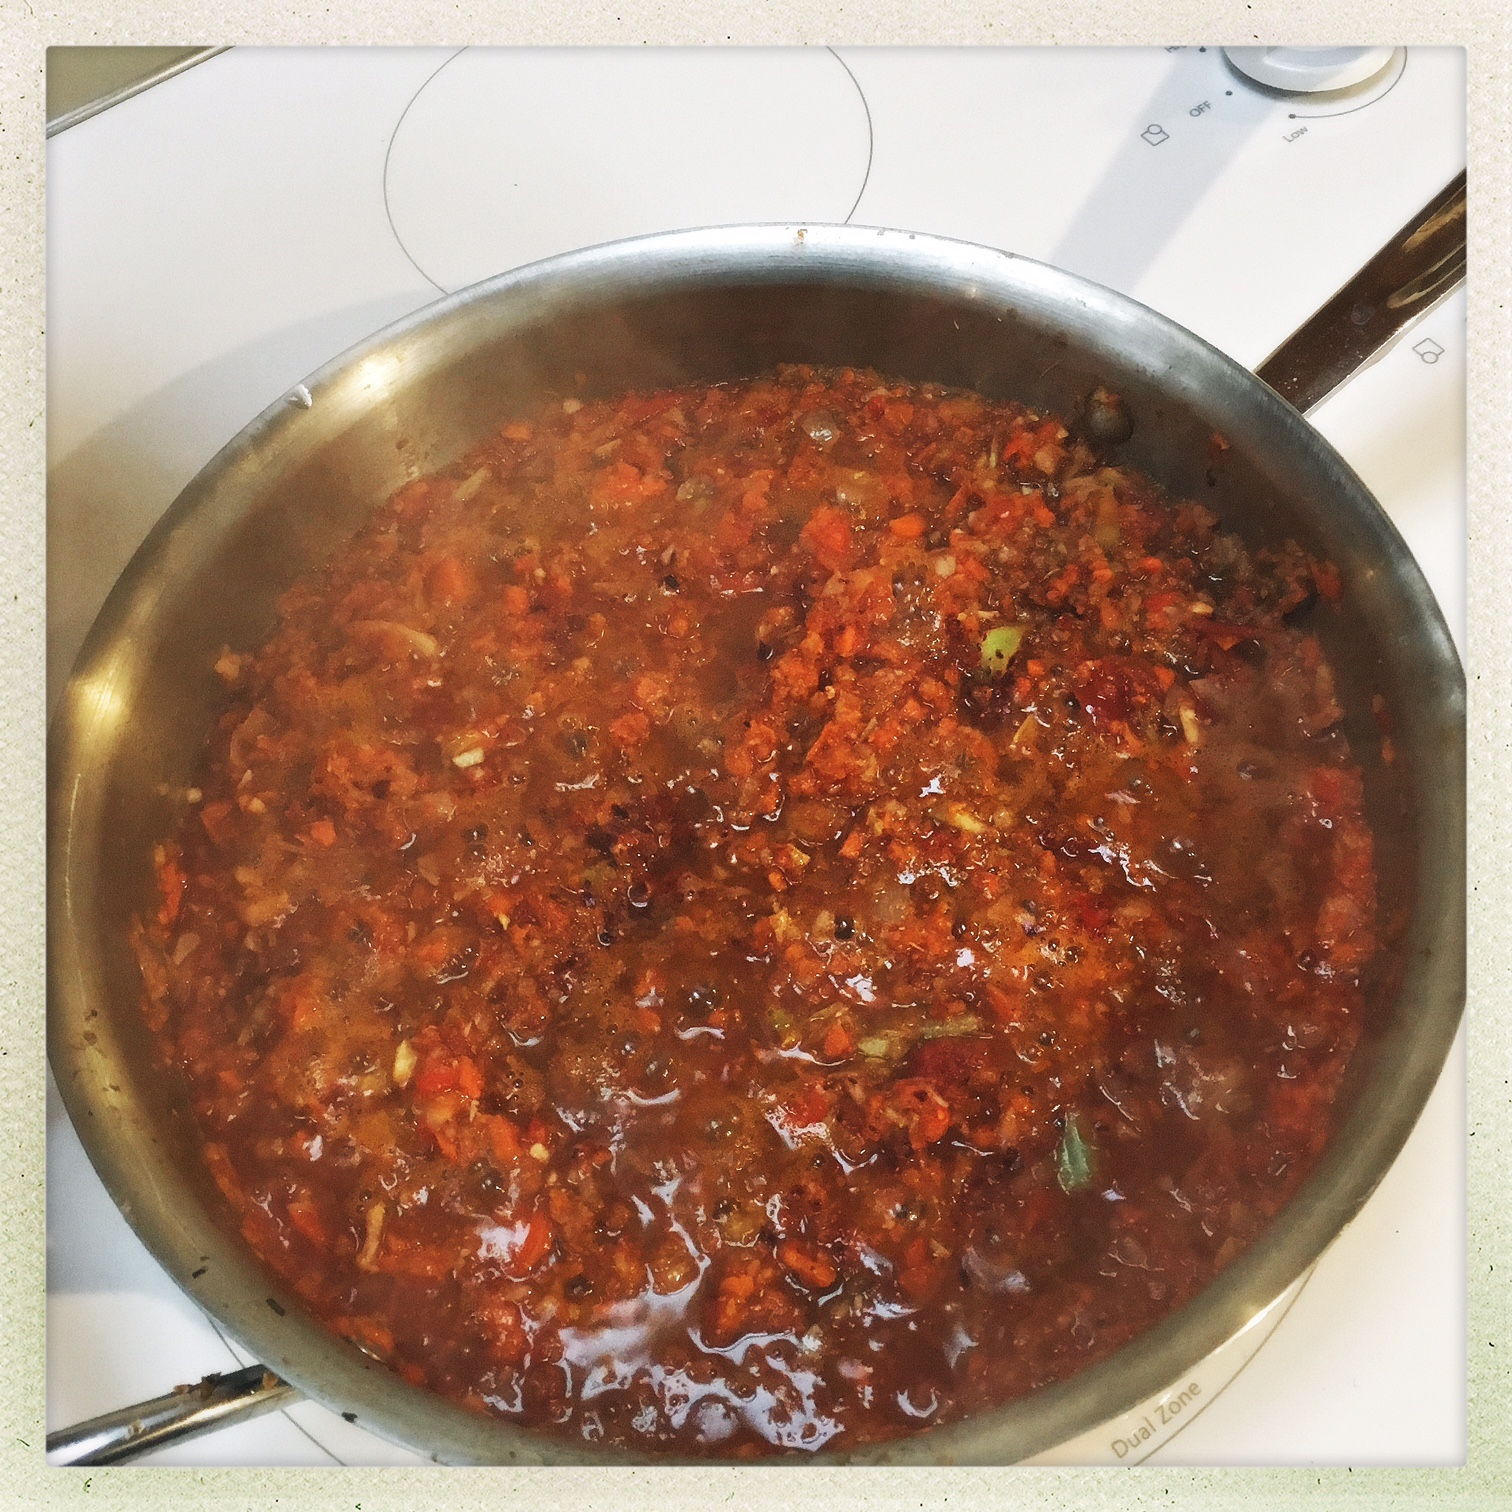 sauce stewing in pan.jpg